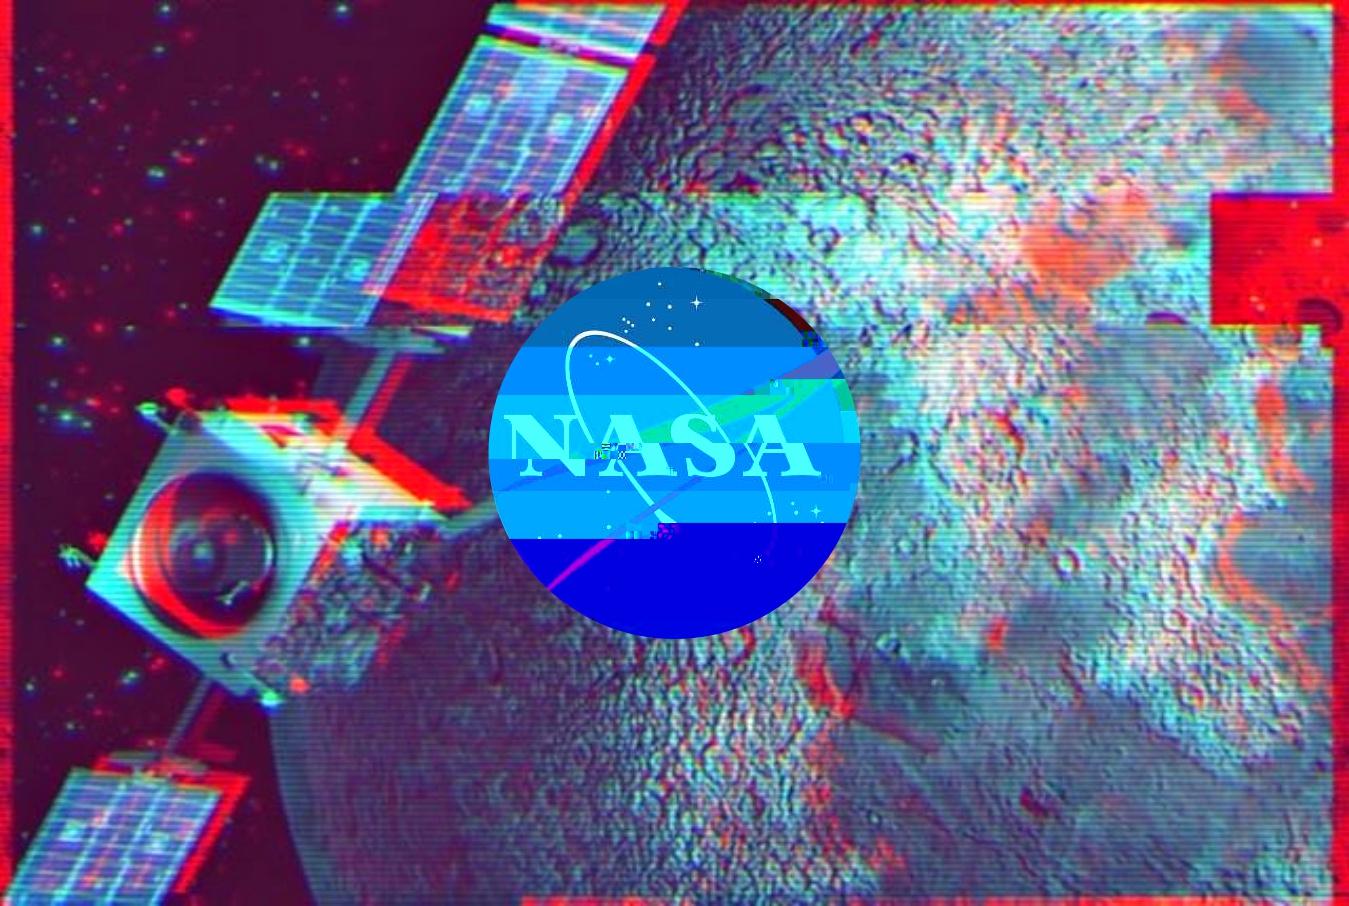 NASA遭入侵,黑客利用树莓派窃取500MB火星任务数据-互联网之家